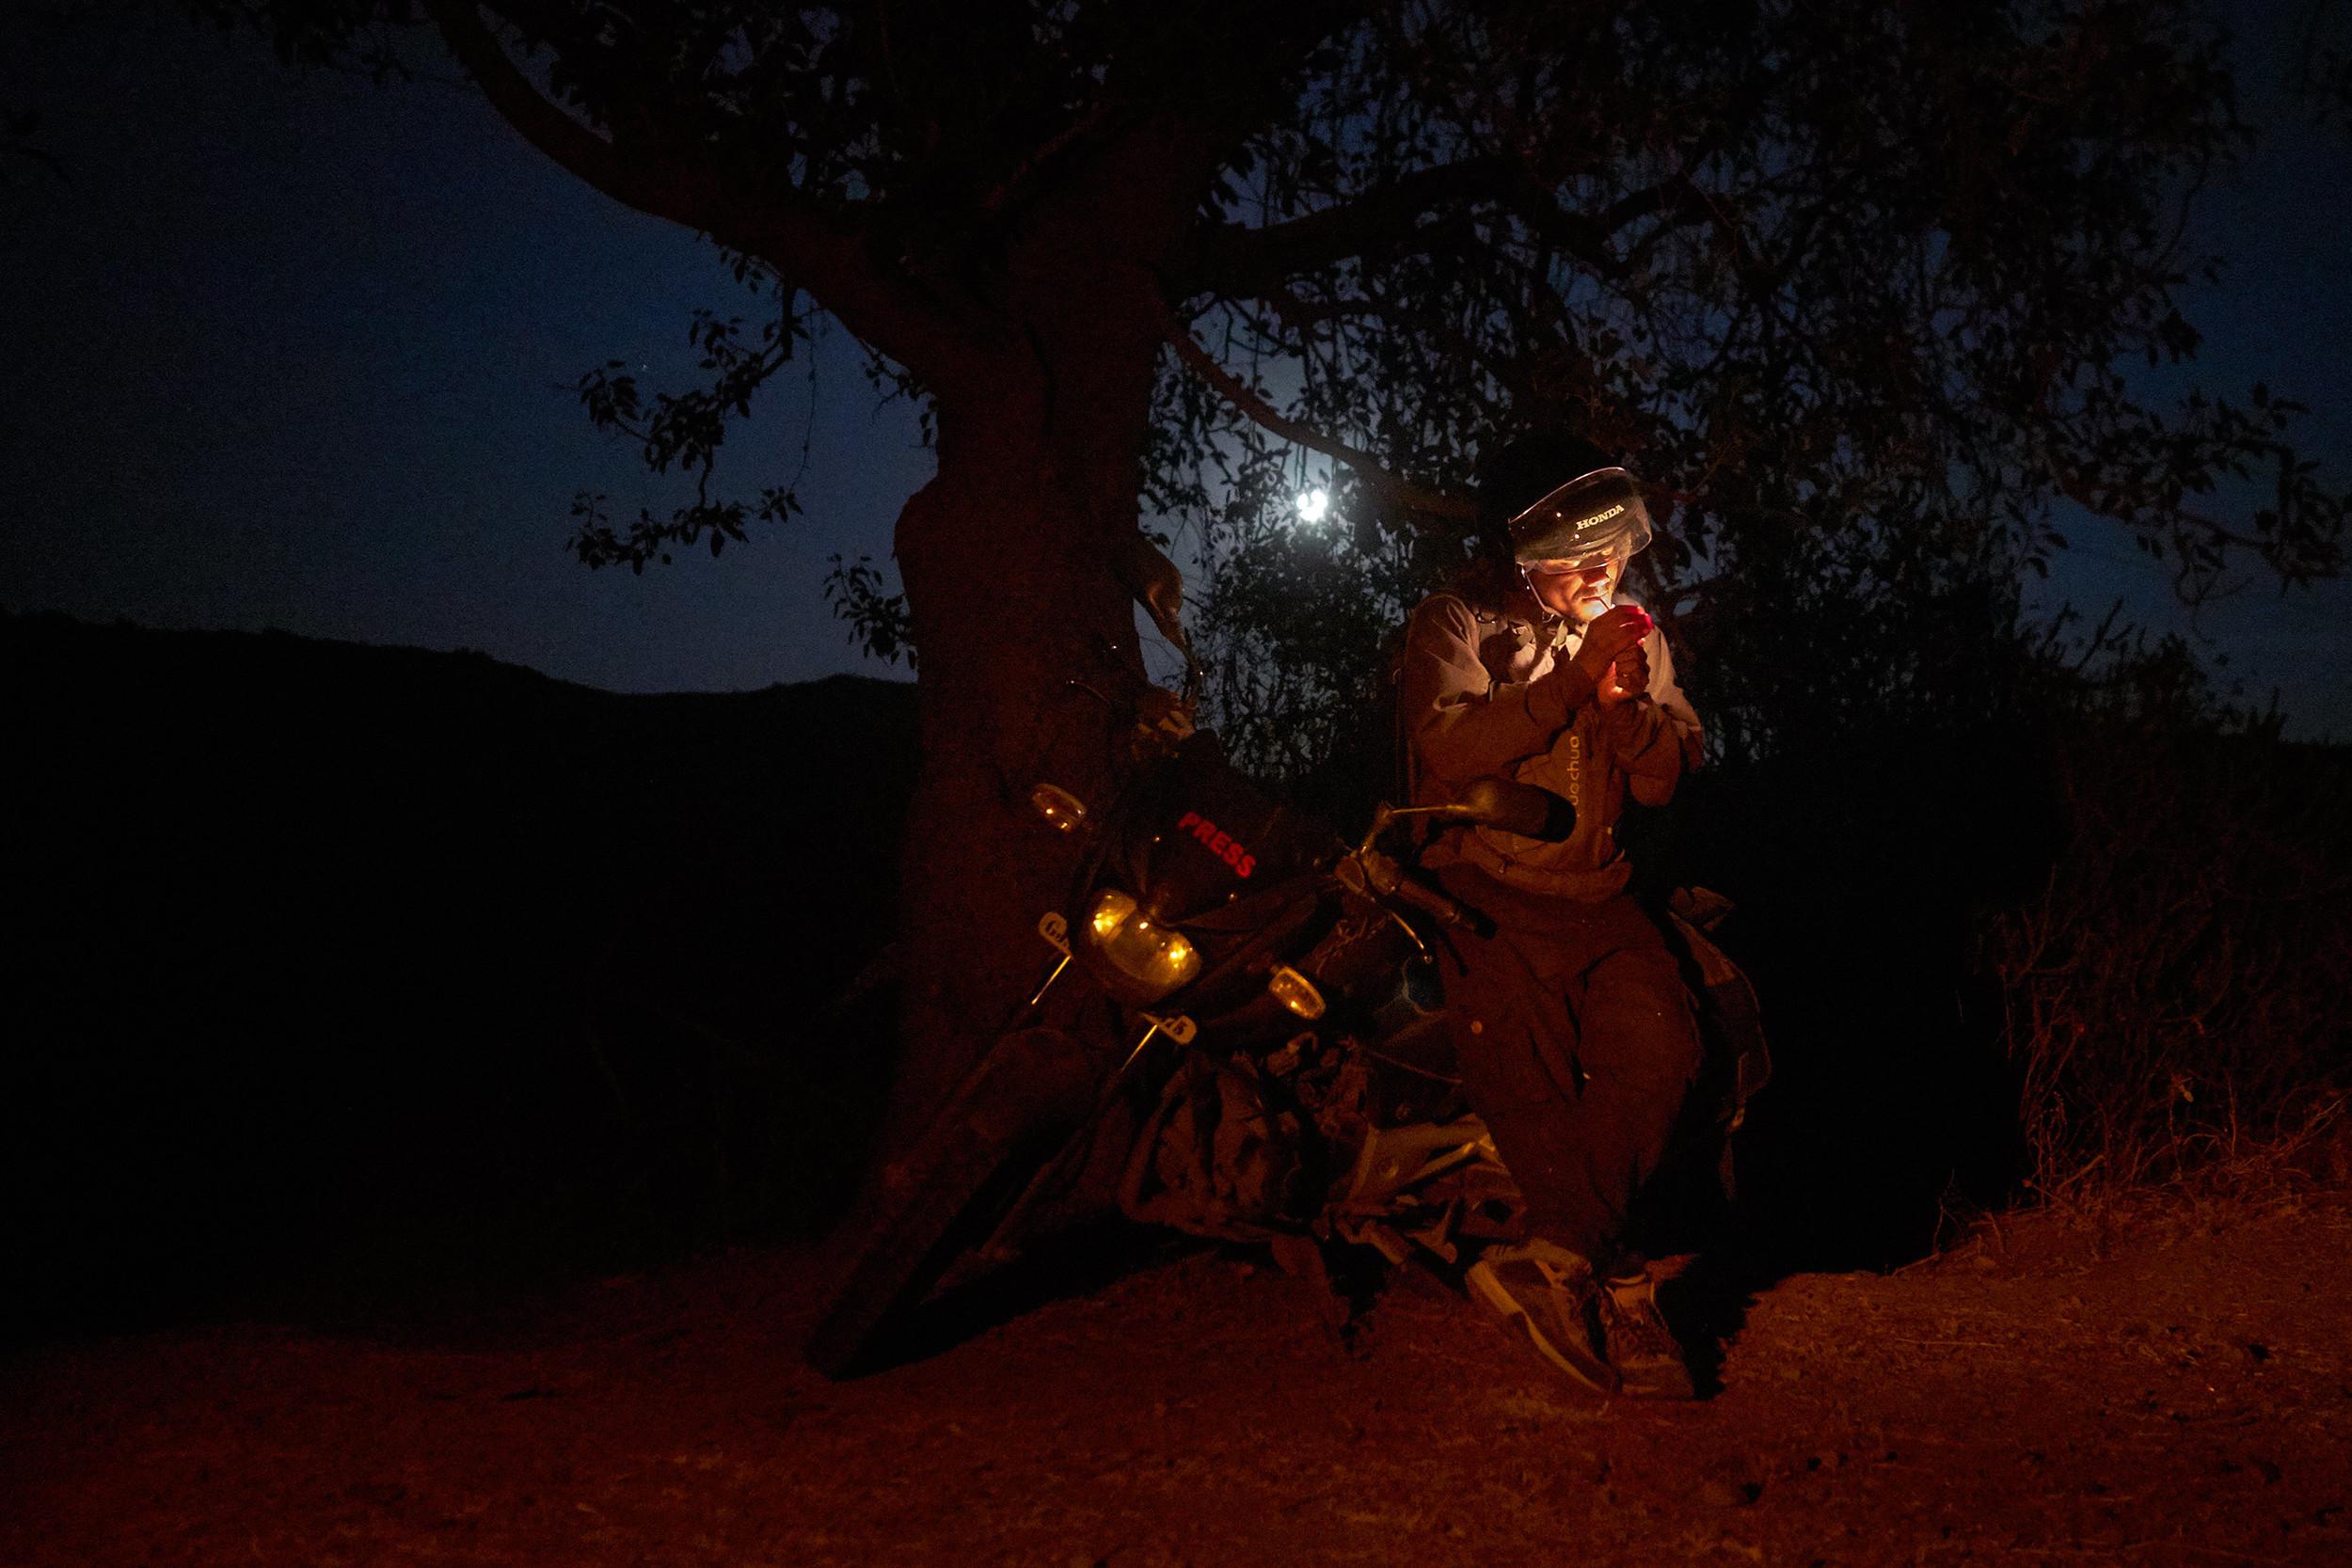 Lighting up under a tree in Gujarat